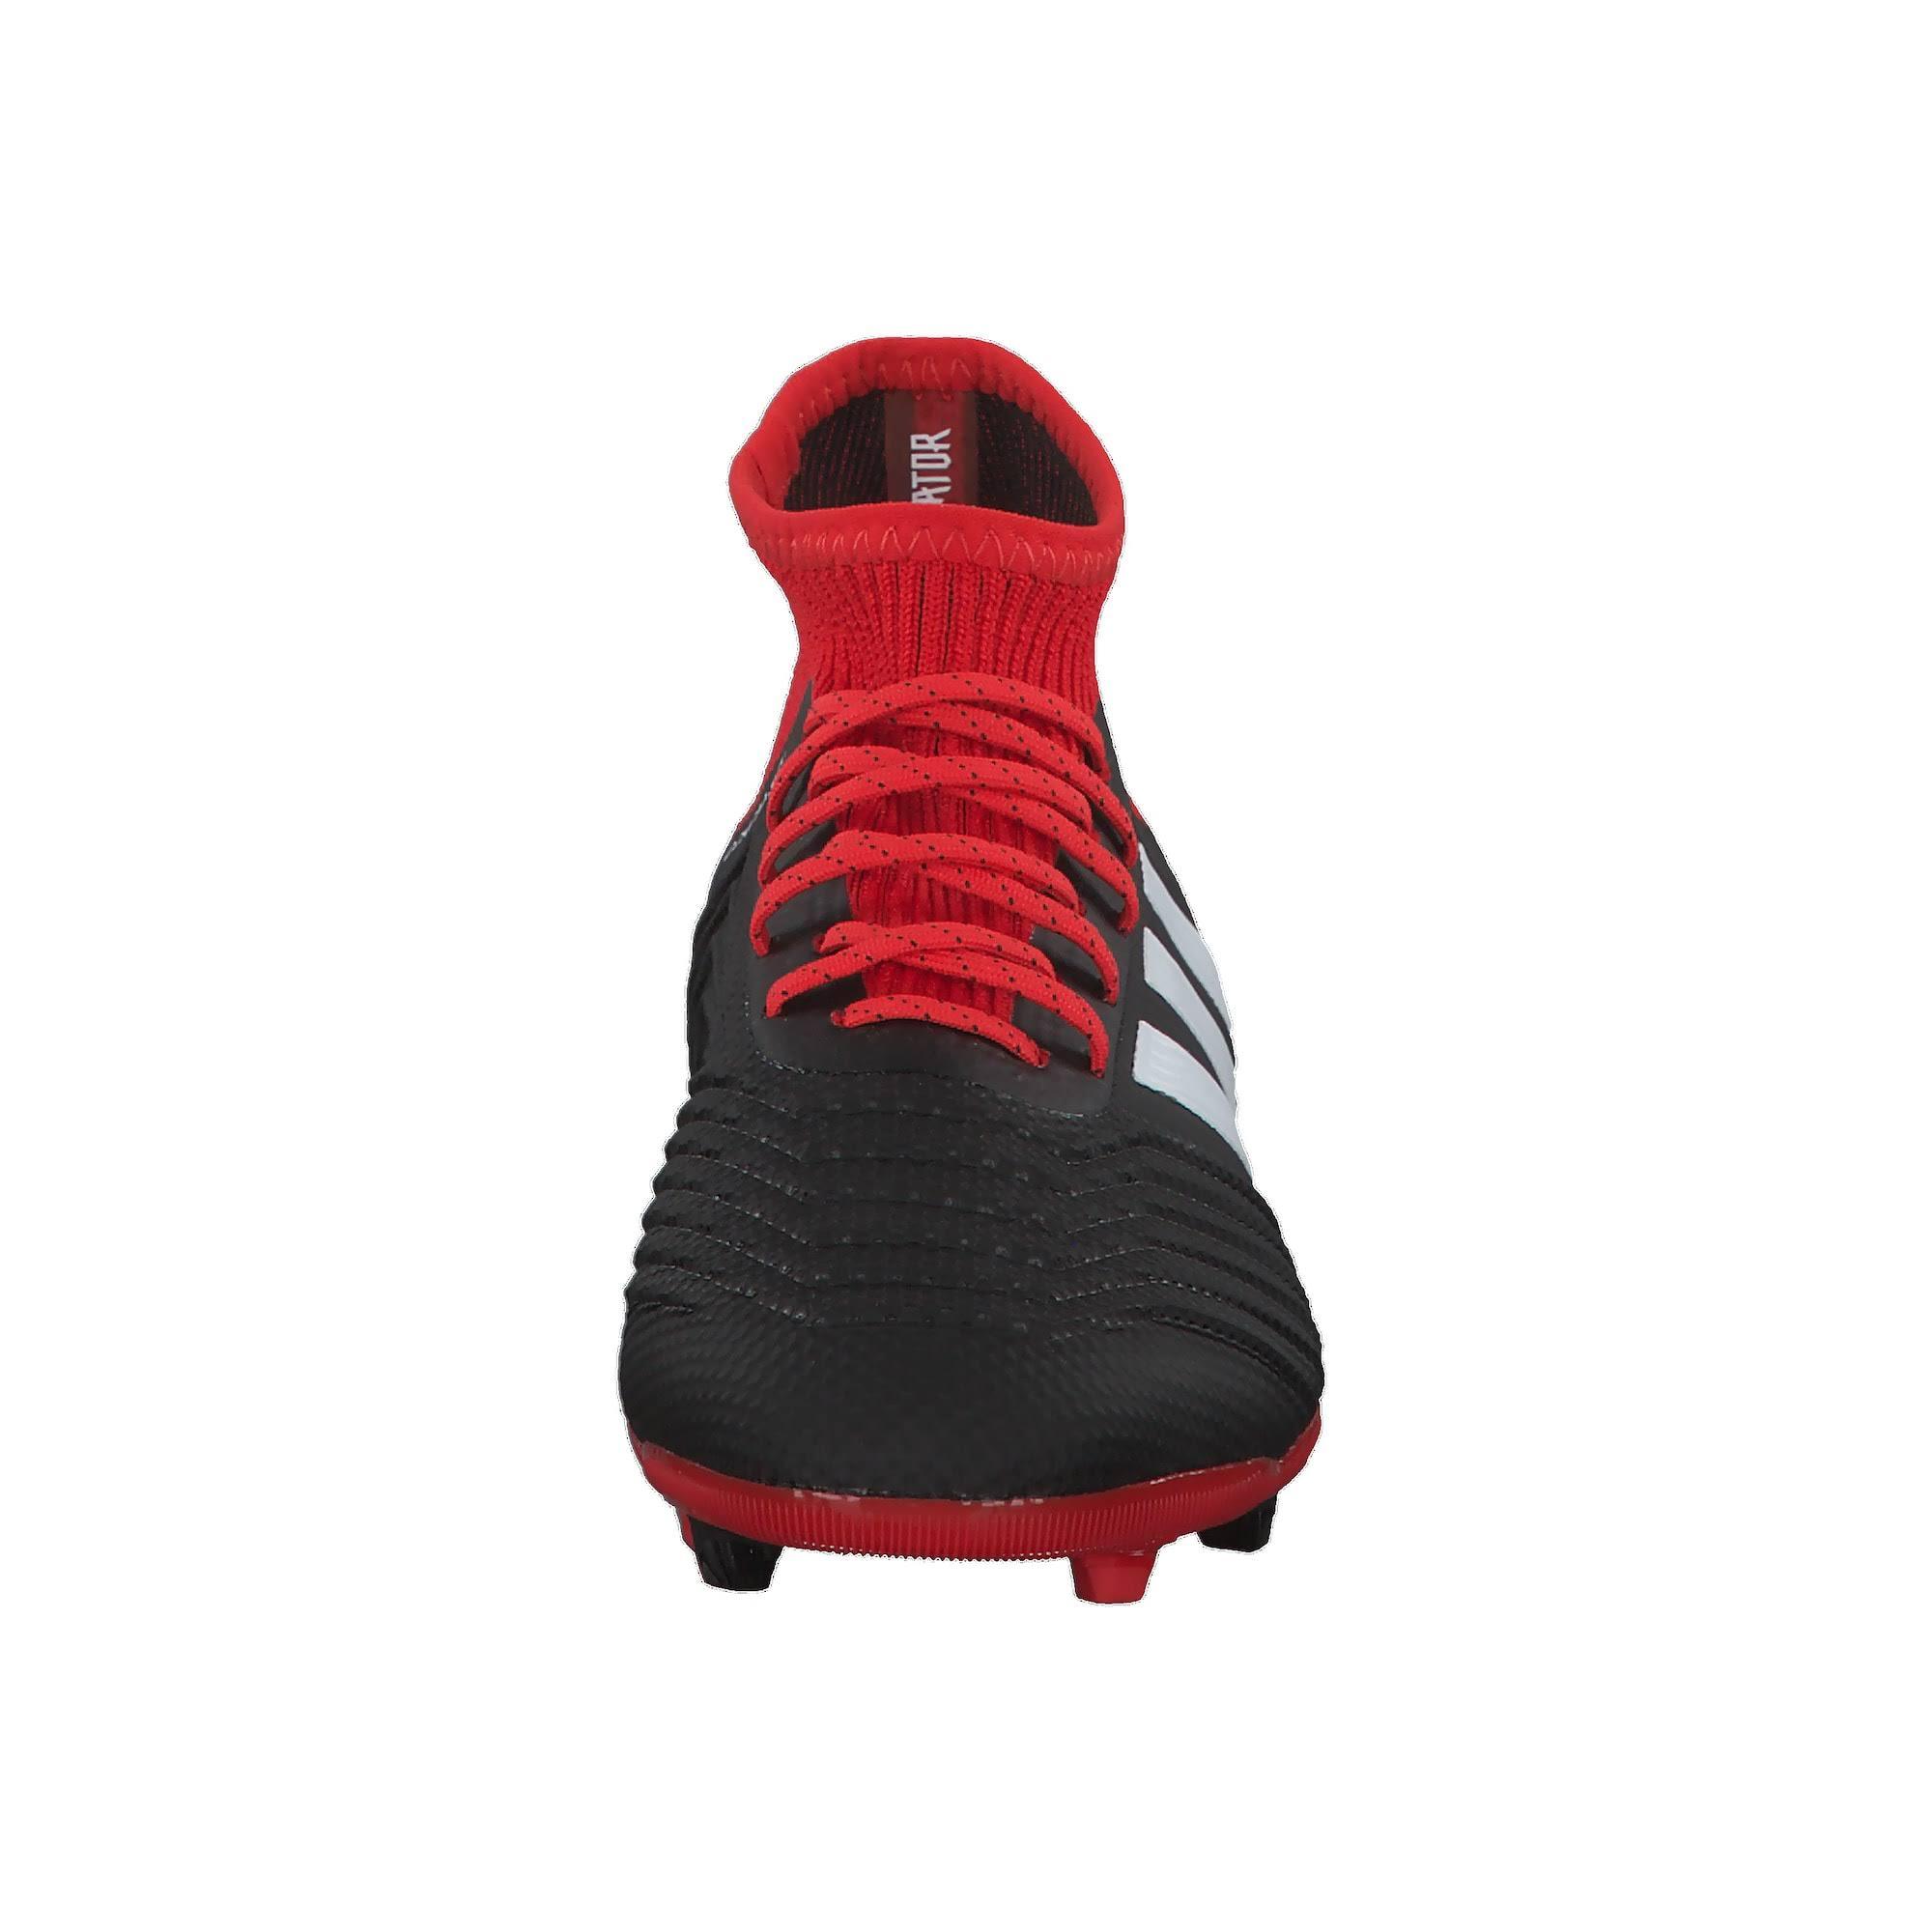 Adidas weiß Schwarz Predator db2313 Kinder Fg 18 1 rot 8xfYSr8q